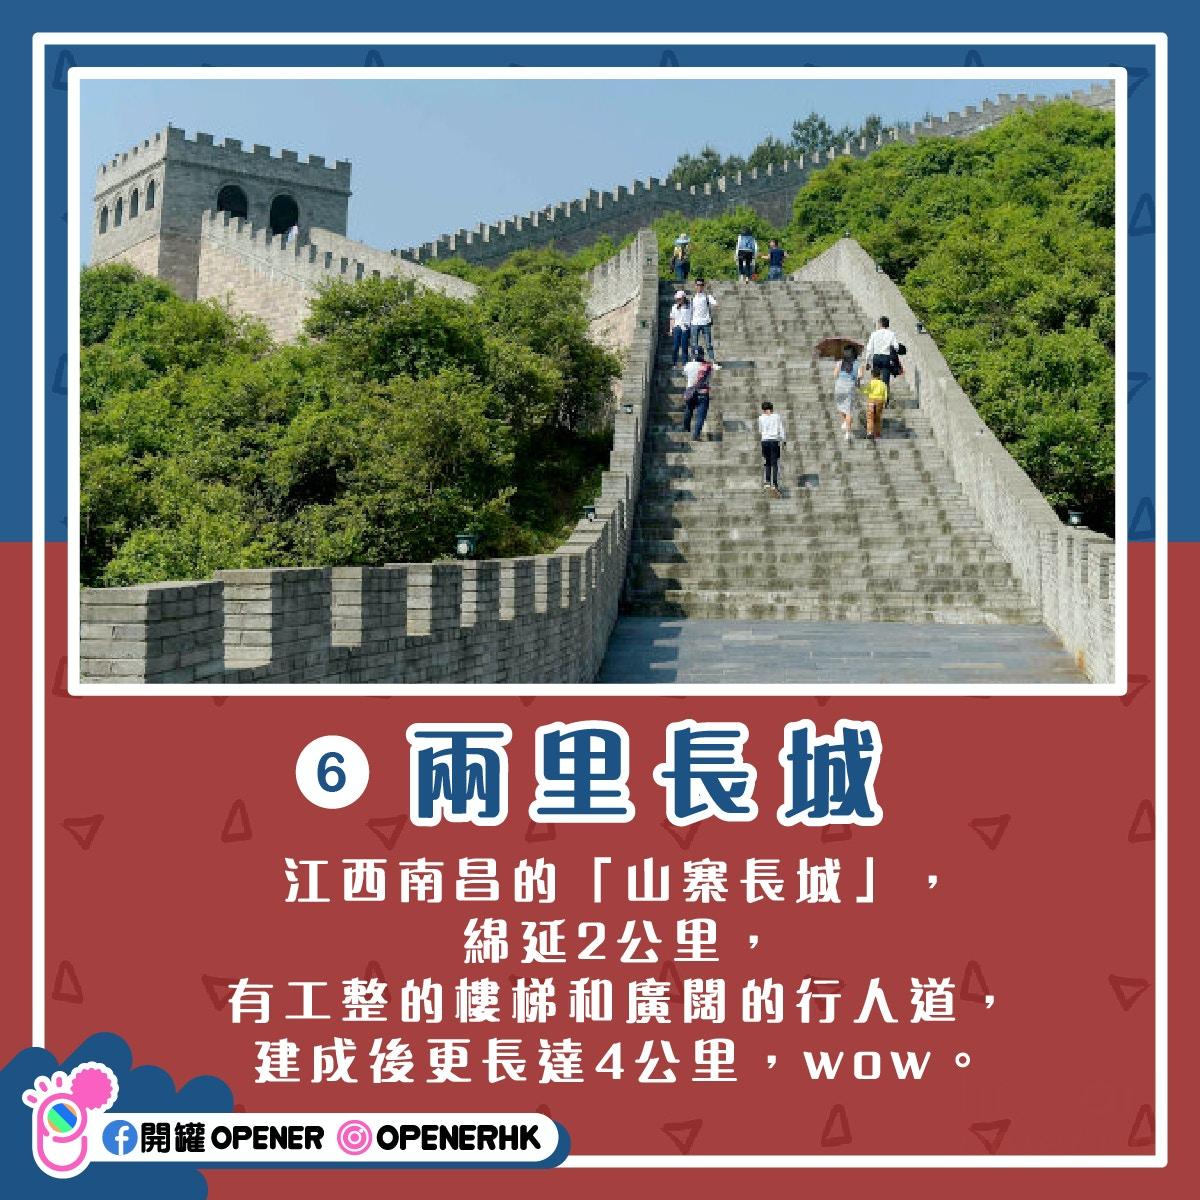 """重庆新景""""飞天之吻""""被嘲太丑 内地15个黑景点笑到泪崩"""